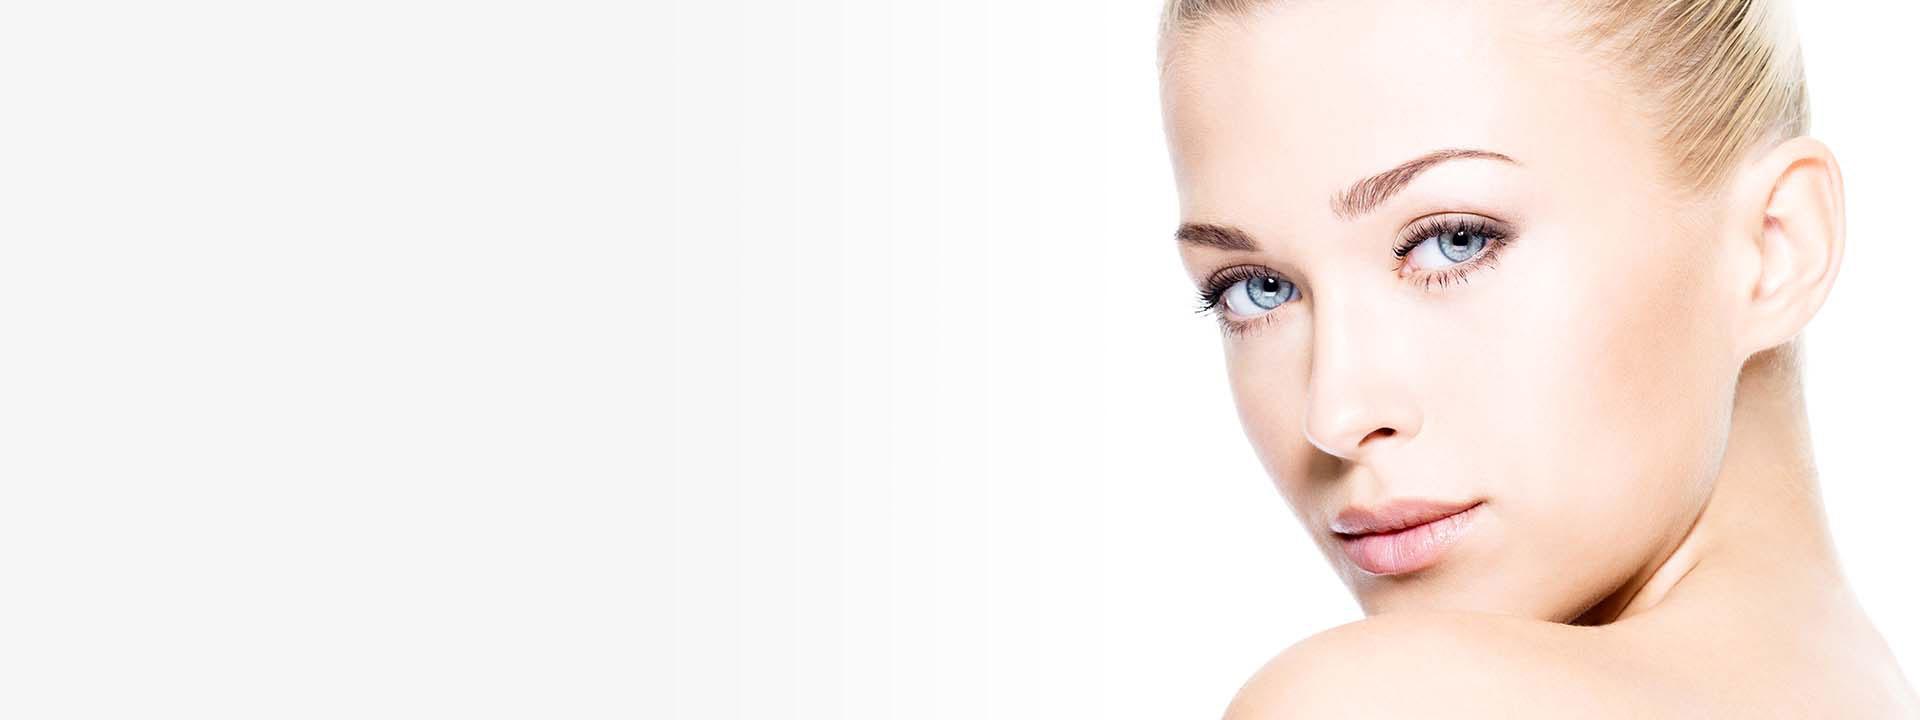 Schönheitsoperationen, Botox, Hayluron, Laserbehandlungen durch Facharzt Dr. Schäfler